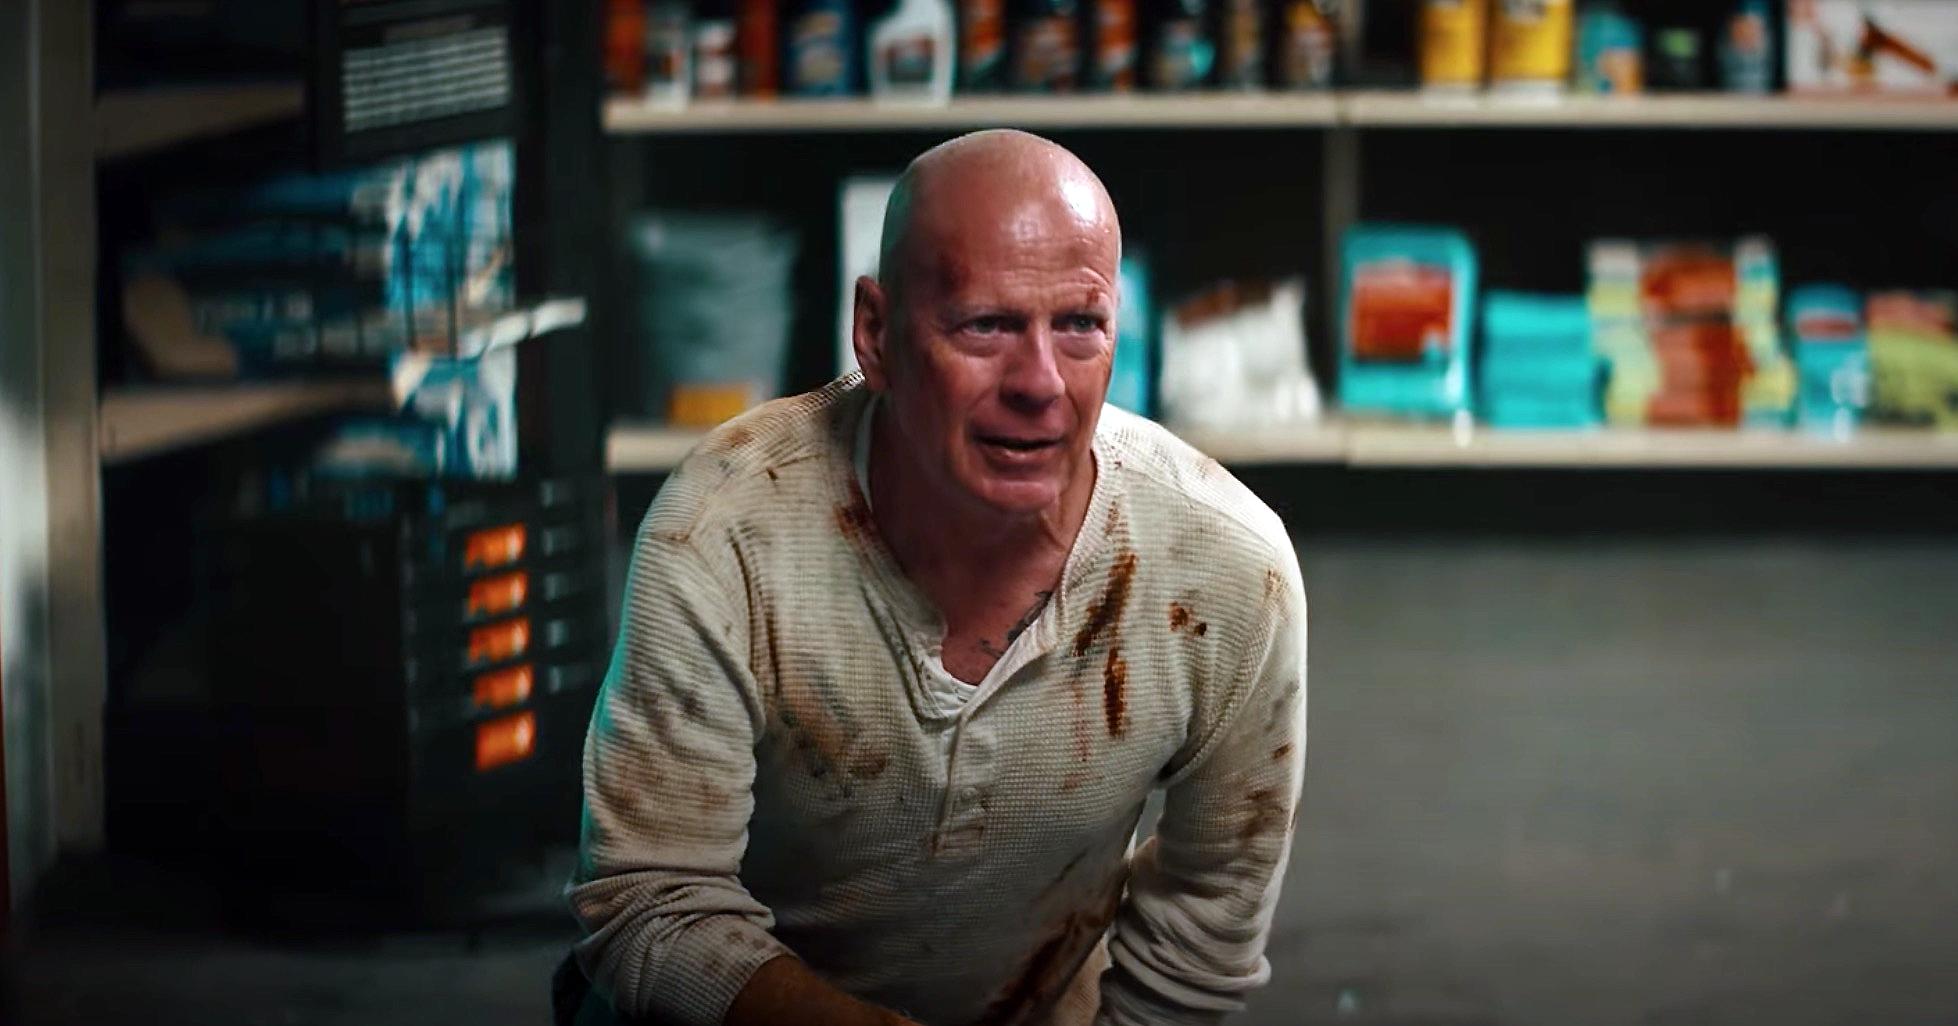 Smrtonosná past: John McClane se vrací, ale do kin se zatím nechystejte | Fandíme filmu